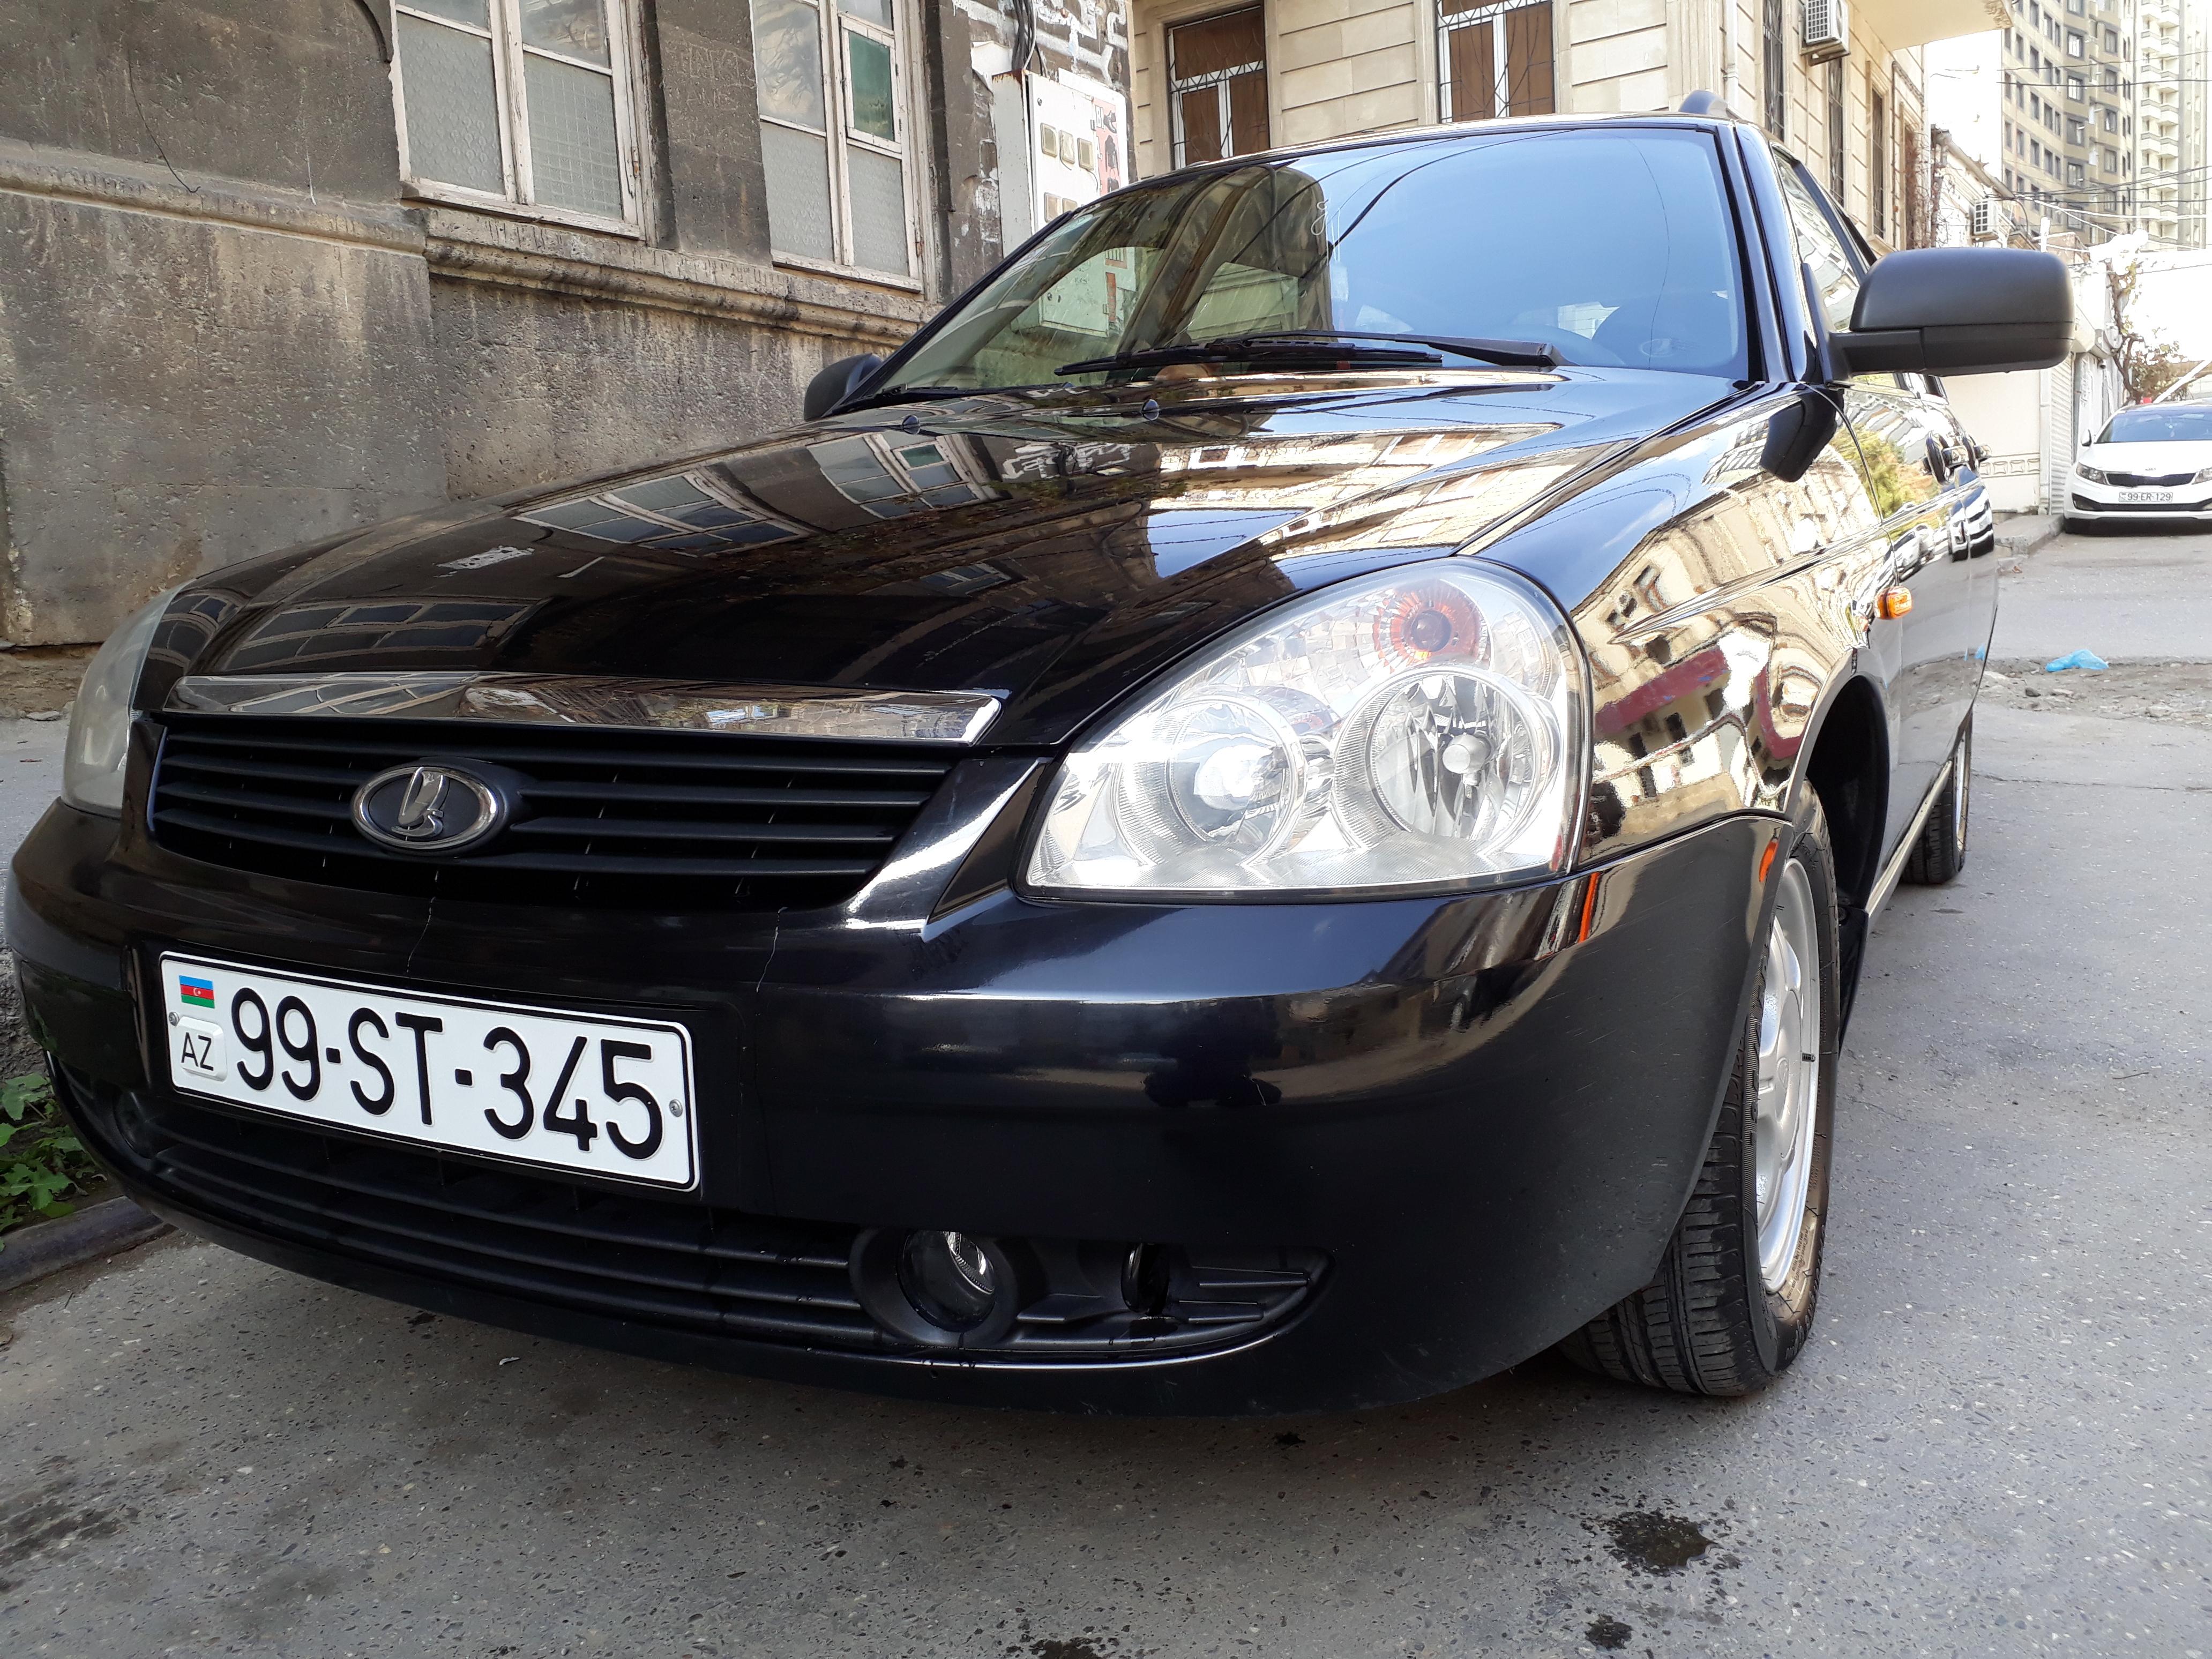 VAZ Priora 1.6(lt) 2011 Подержанный  $10000